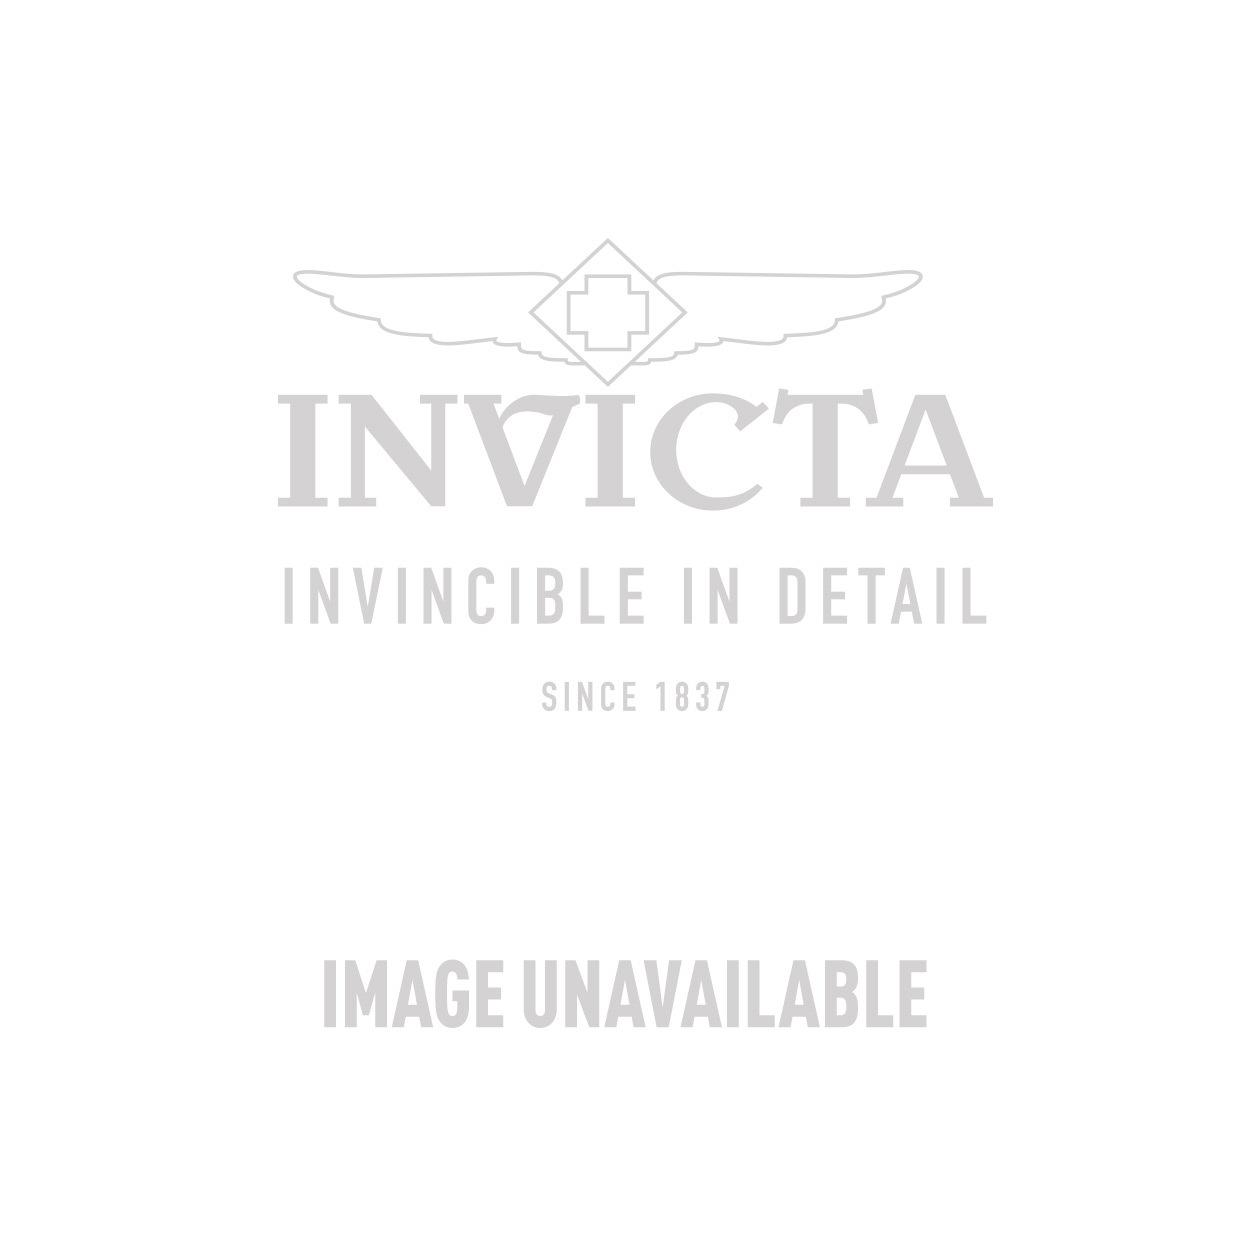 Invicta Model 25050